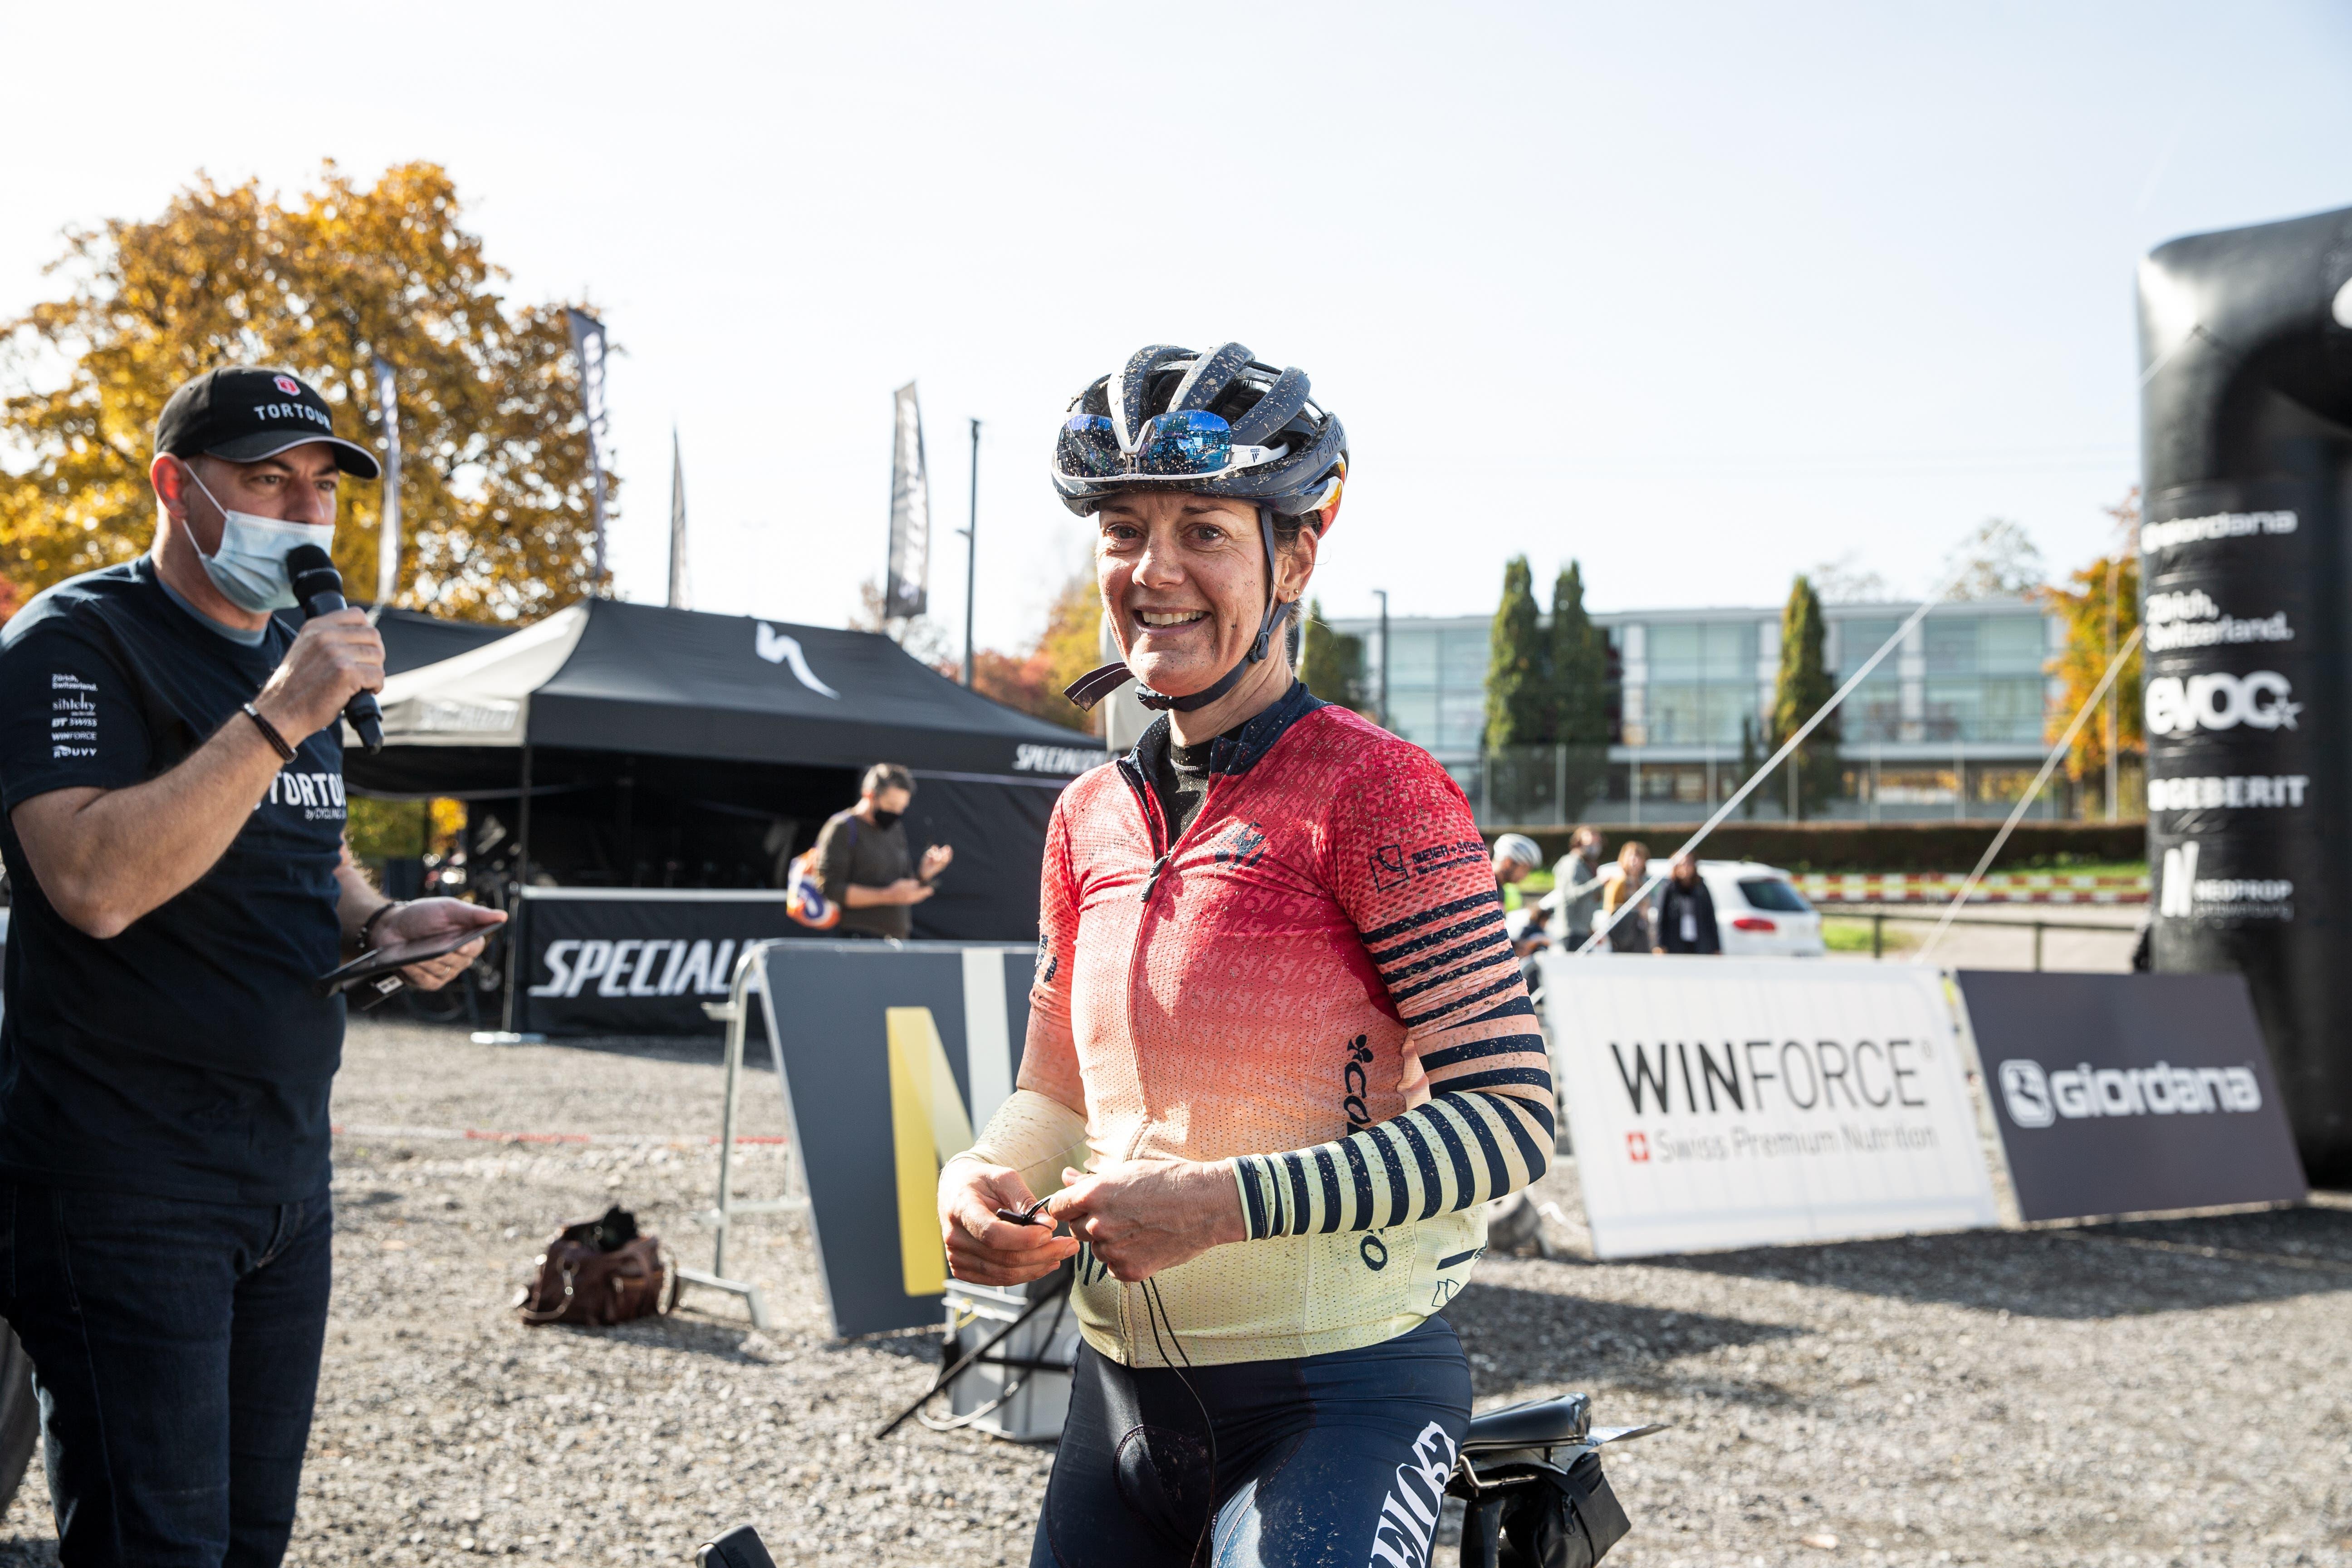 Impressionen des Zieleinlaufs der Gravelbike Tortour. Im Bild: Die Zürcherin Jutta Stienen, Siegerin bei den Frauen.